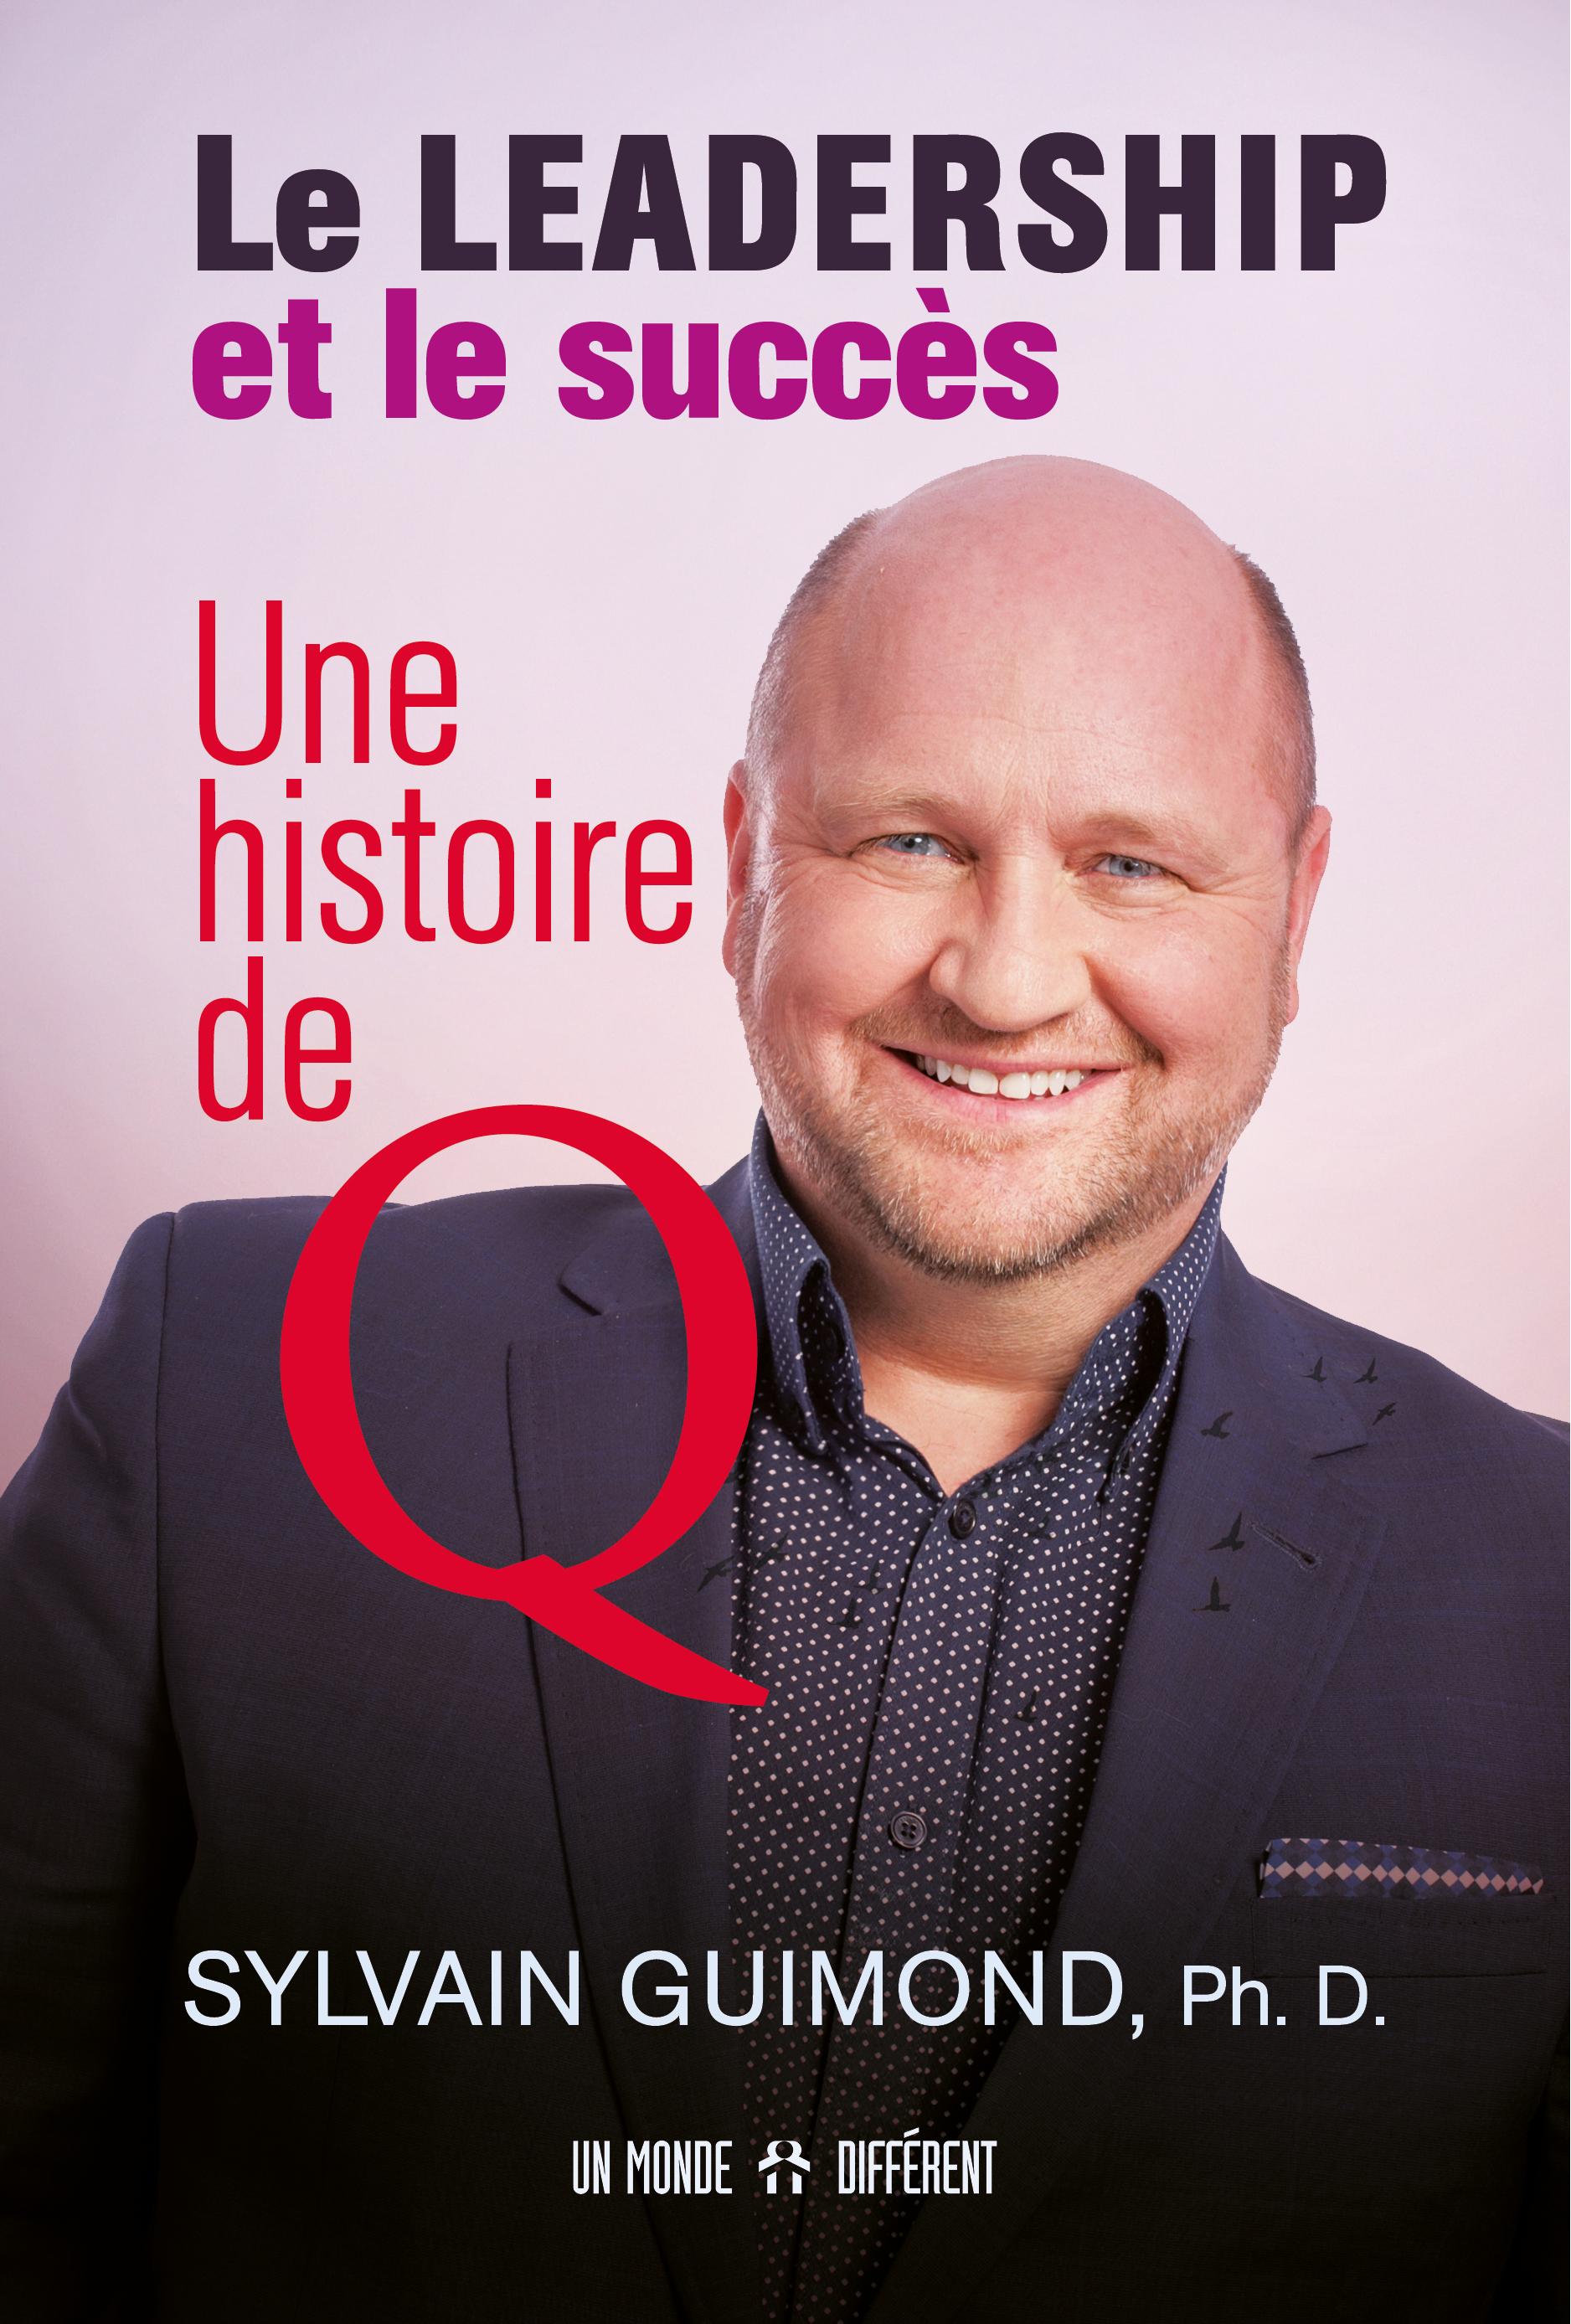 LEADERSHIP ET LE SUCCÈS, UNE HISTOIRE DE Q (LE)